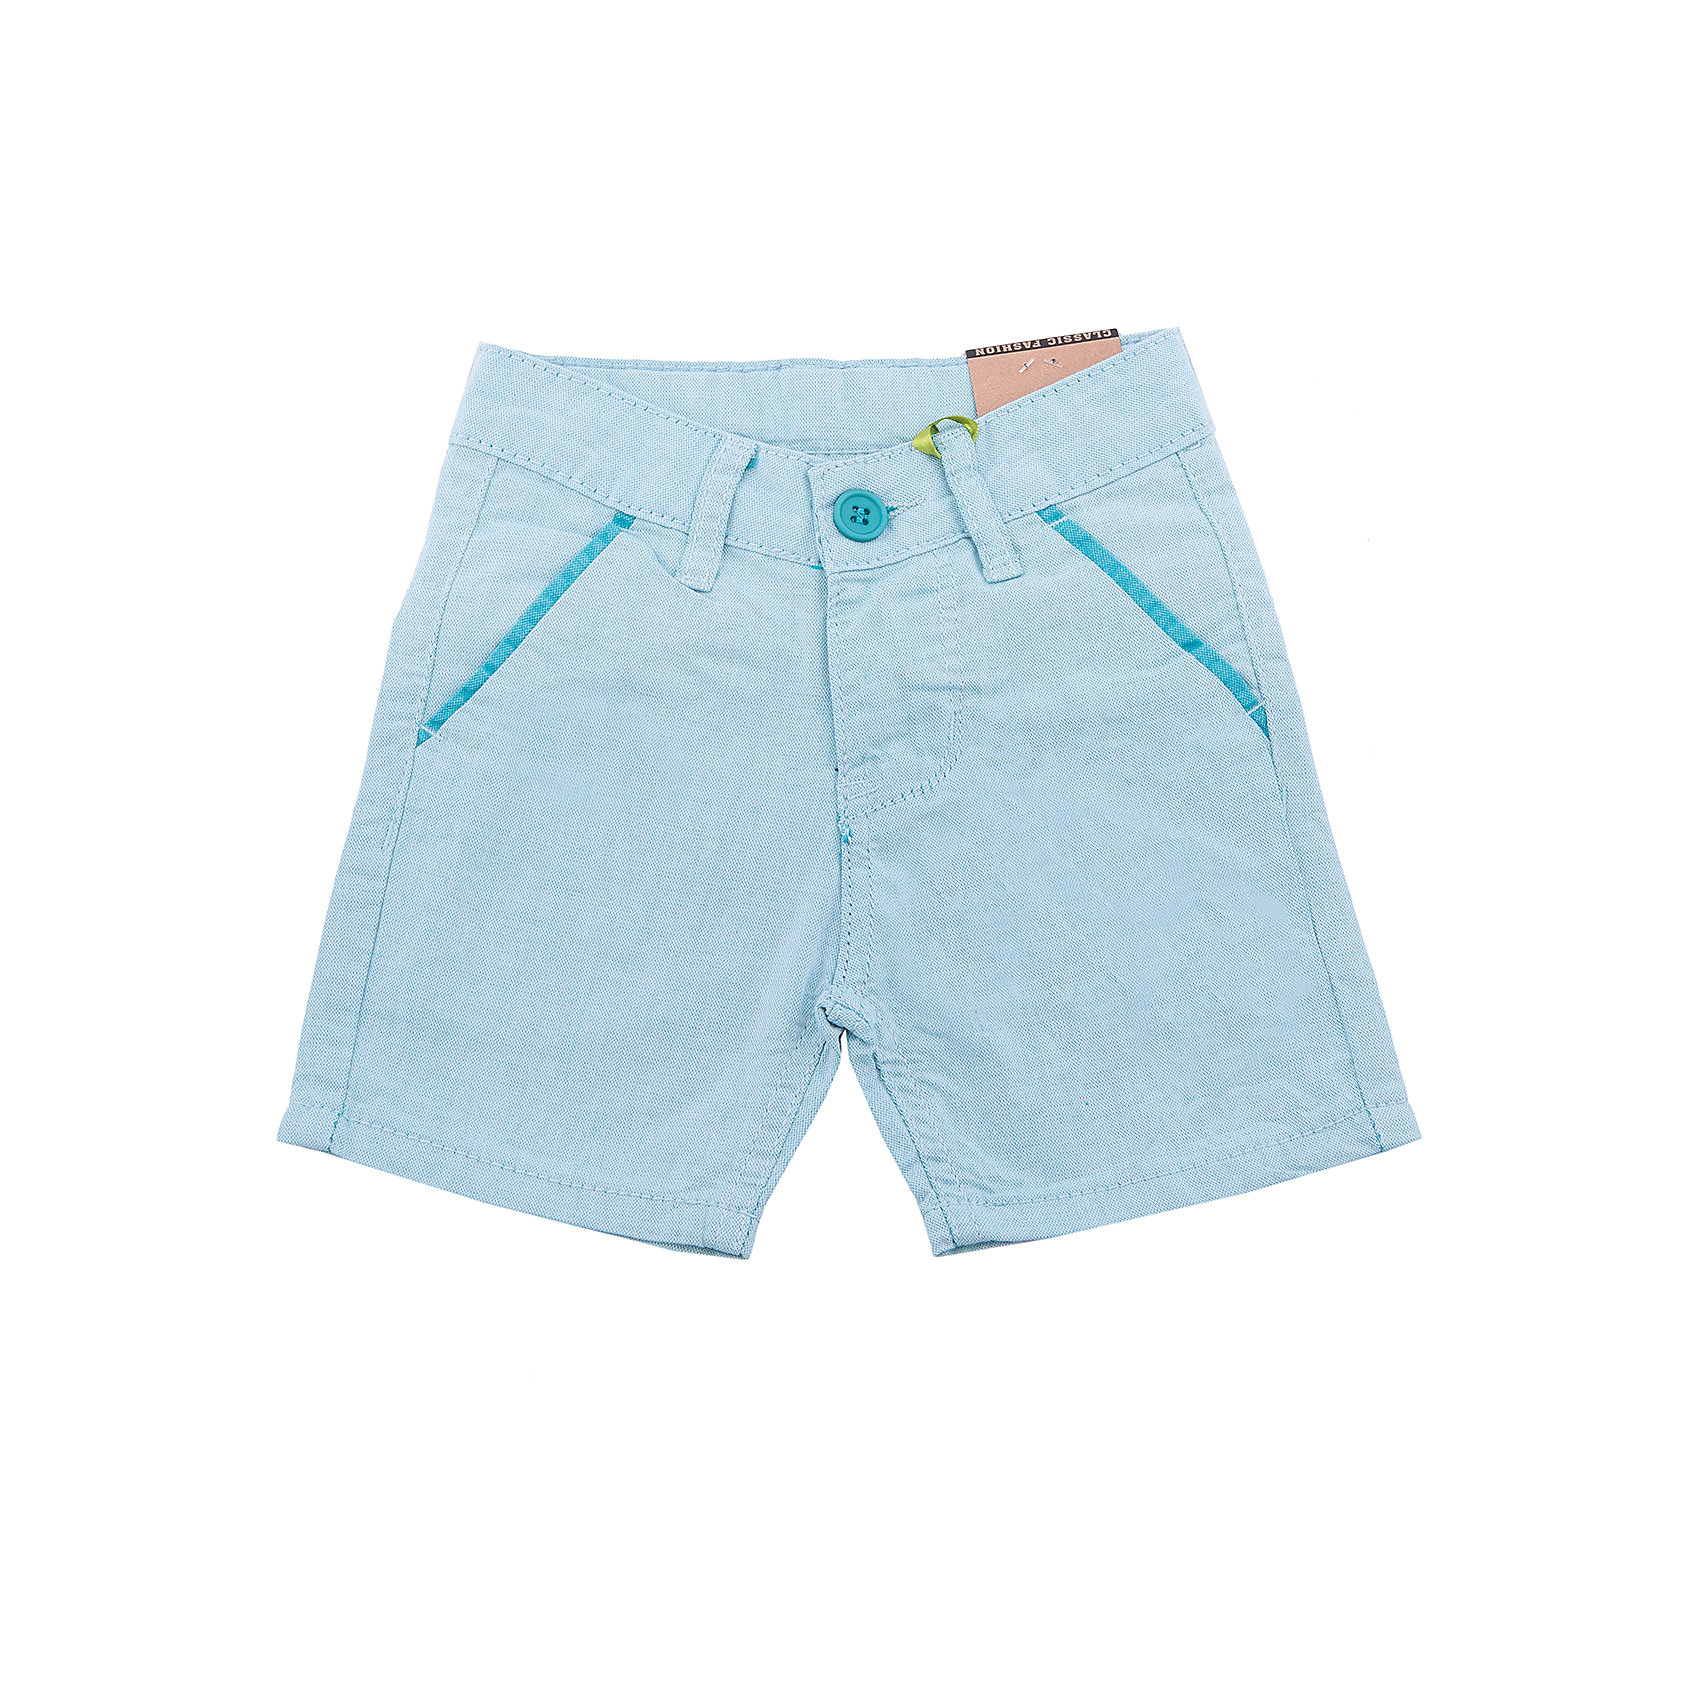 Шорты для мальчика Sweet BerryТекстильные шорты для мальчика. Карманы по бокам. Застегиваются на молнию и пуговицу. пояс с регулировкой внутренней резинкой<br>Состав:<br>100%хлопок<br><br>Ширина мм: 191<br>Глубина мм: 10<br>Высота мм: 175<br>Вес г: 273<br>Цвет: голубой<br>Возраст от месяцев: 12<br>Возраст до месяцев: 15<br>Пол: Мужской<br>Возраст: Детский<br>Размер: 80,86,92,98<br>SKU: 5411671